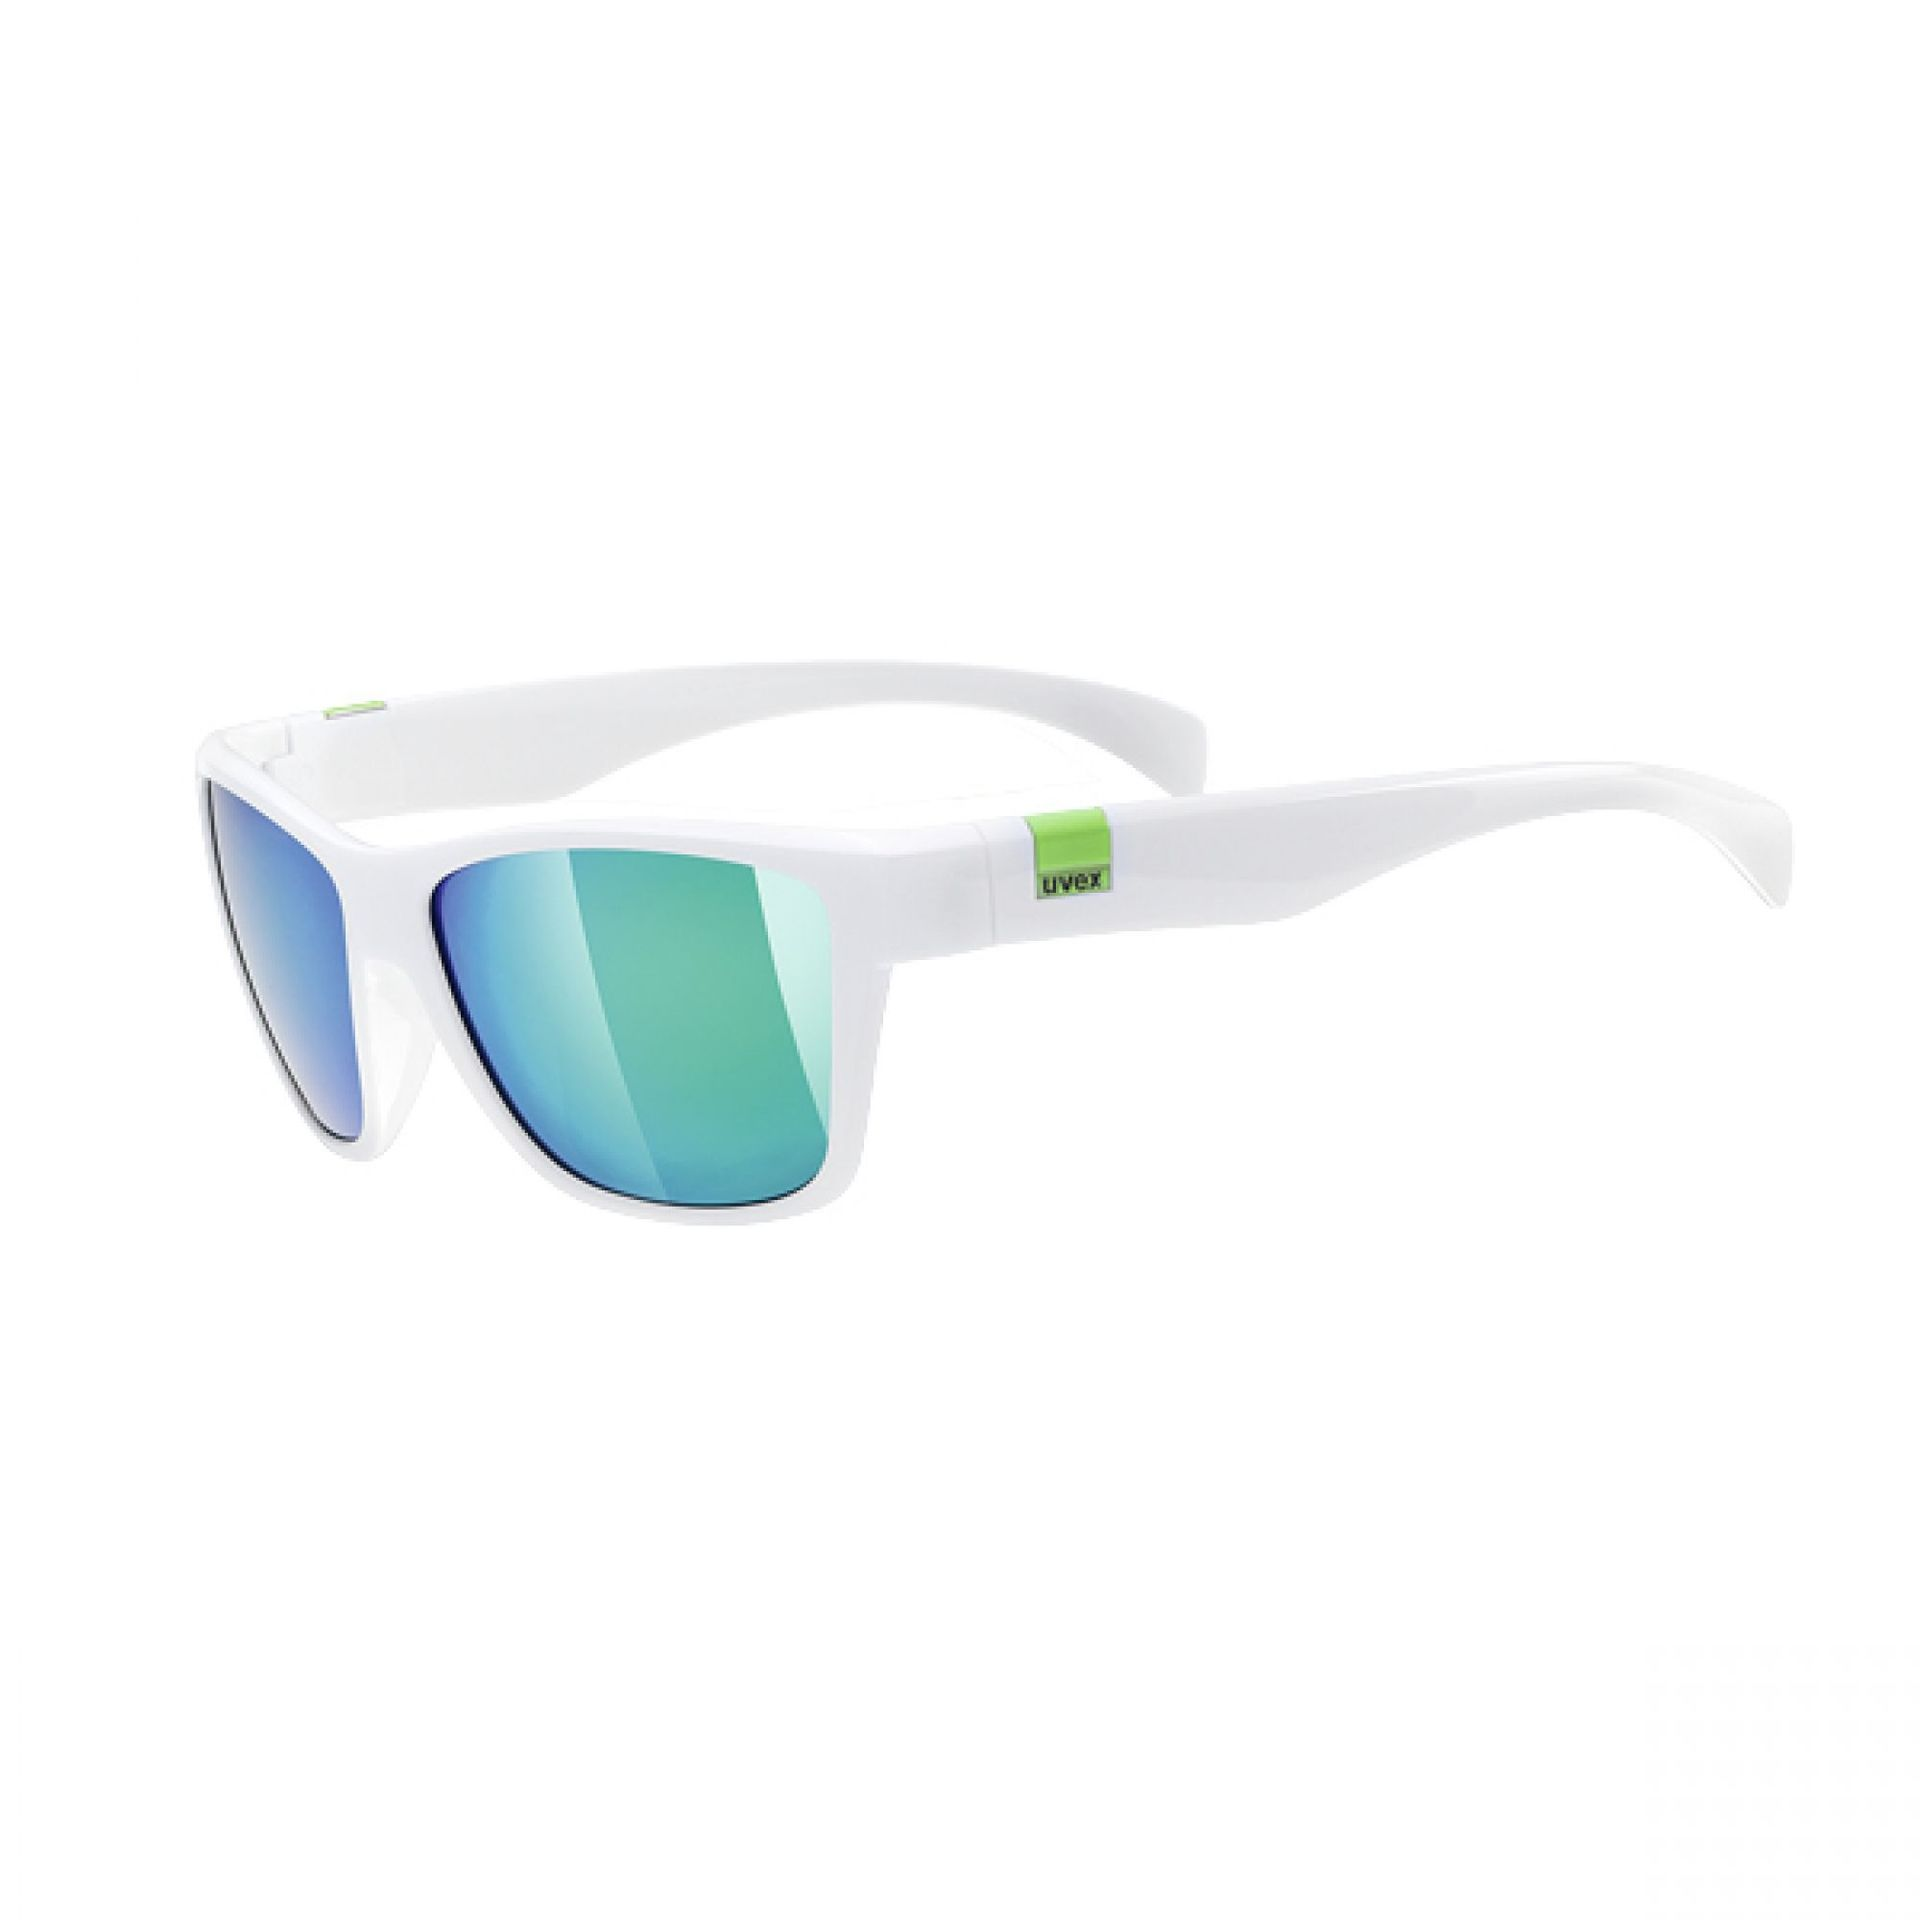 Okulary Uvex LGL 1